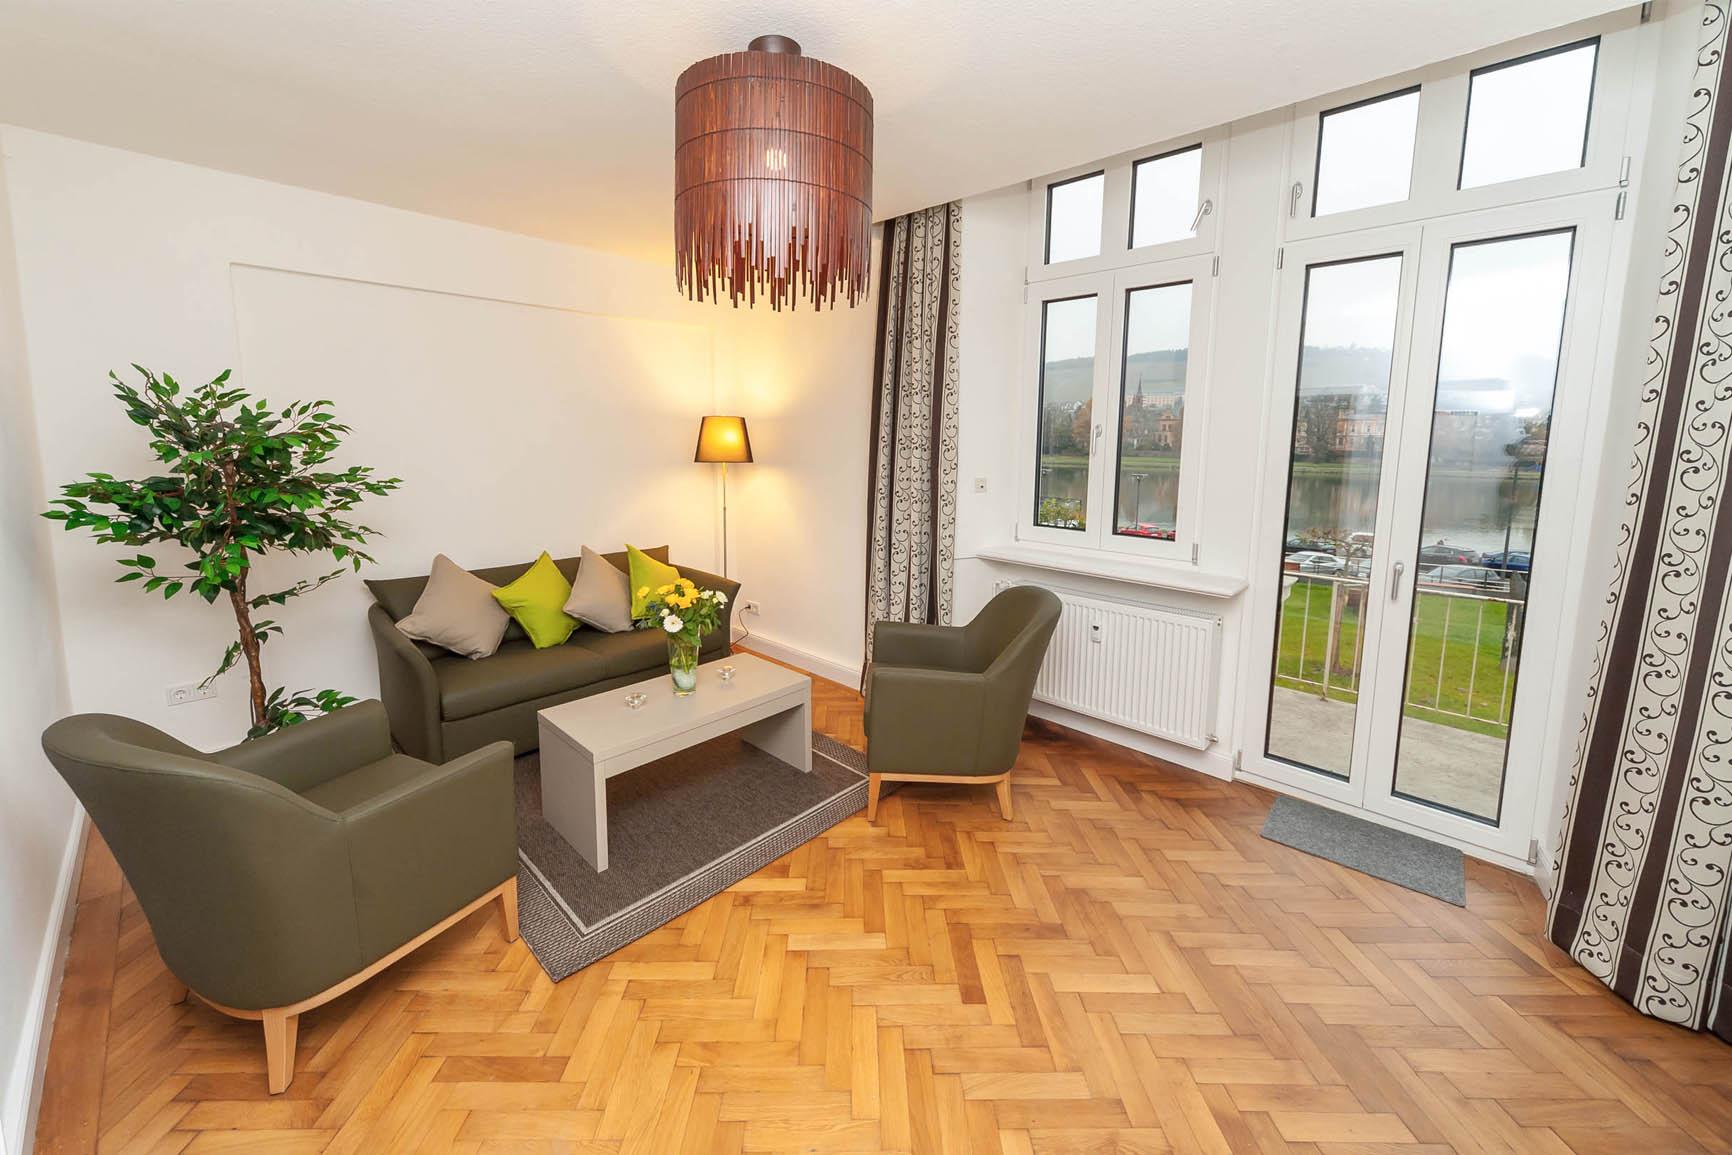 5-Sterne-Ferienwohnung Villa Mosella 1 Wohnzimmer mit Balkon